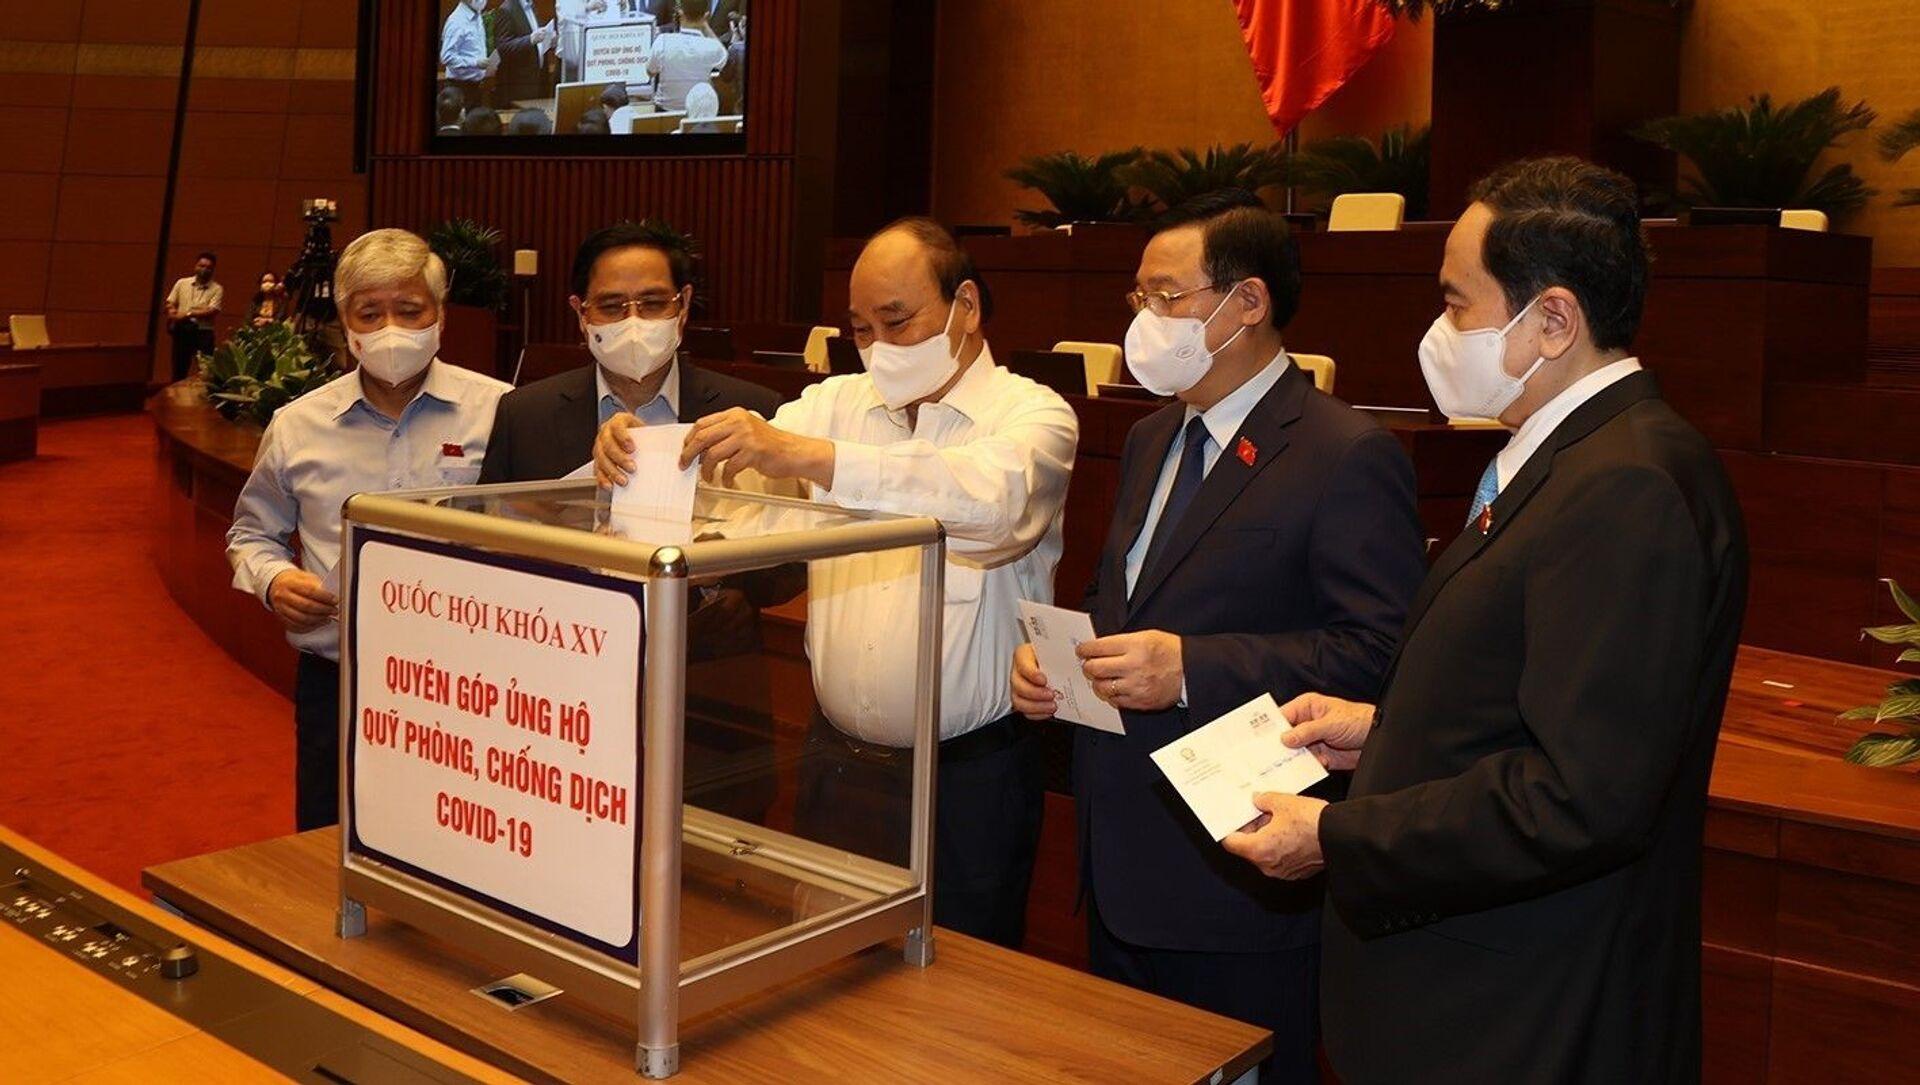 Đại biểu Quốc hội quyên góp ủng hộ Quỹ vaccine phòng, chống dịch COVID–19 - Sputnik Việt Nam, 1920, 24.07.2021